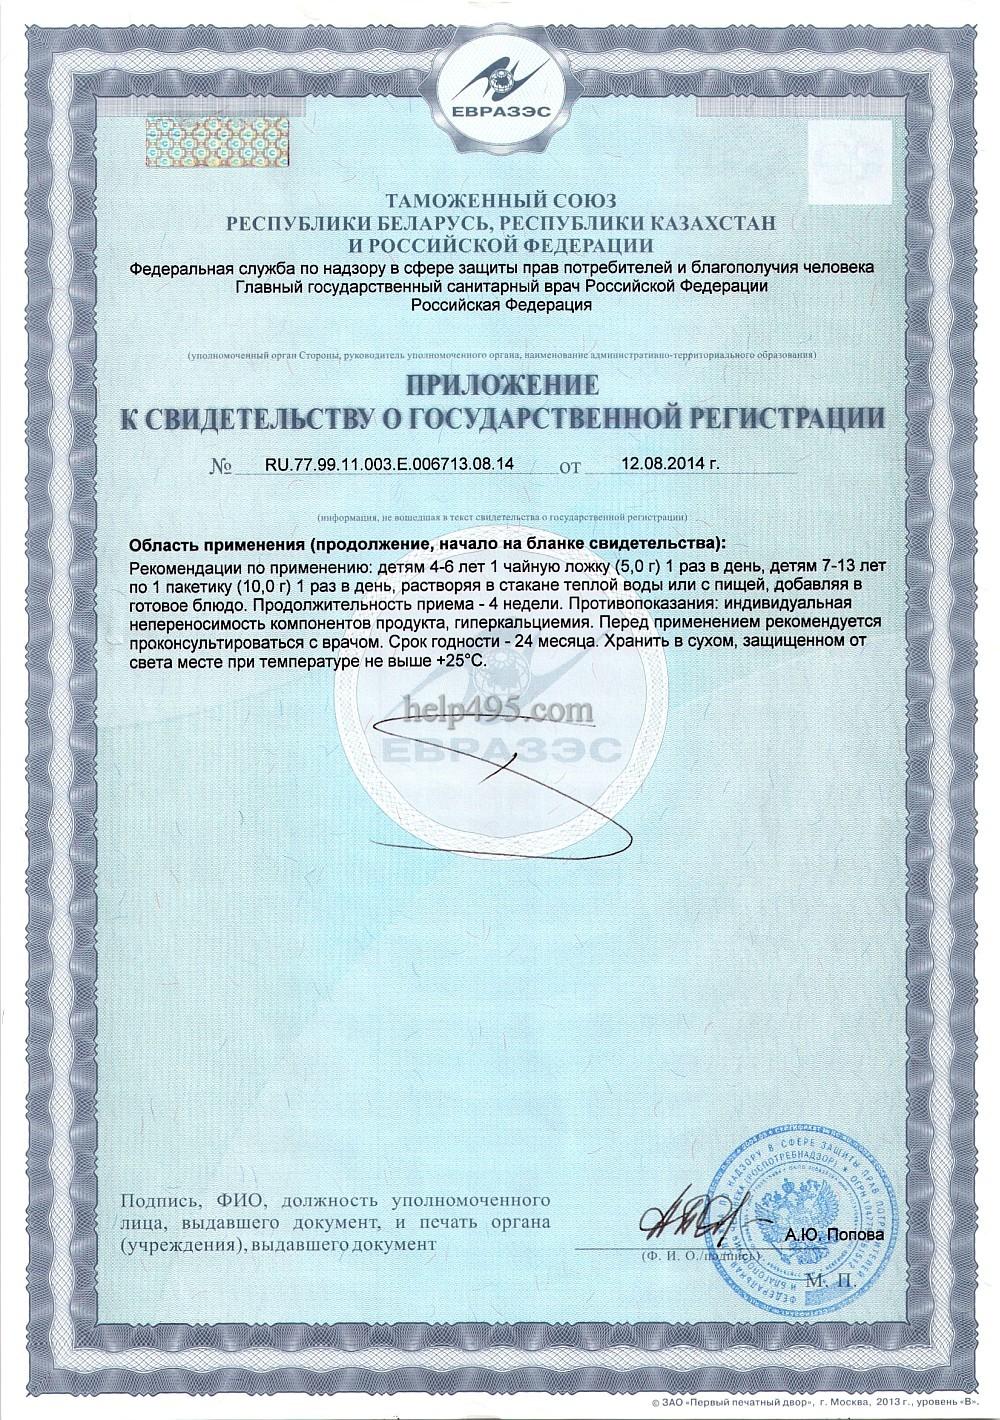 2-ая стр. сертификата препарата: Детский кальций Тяньши